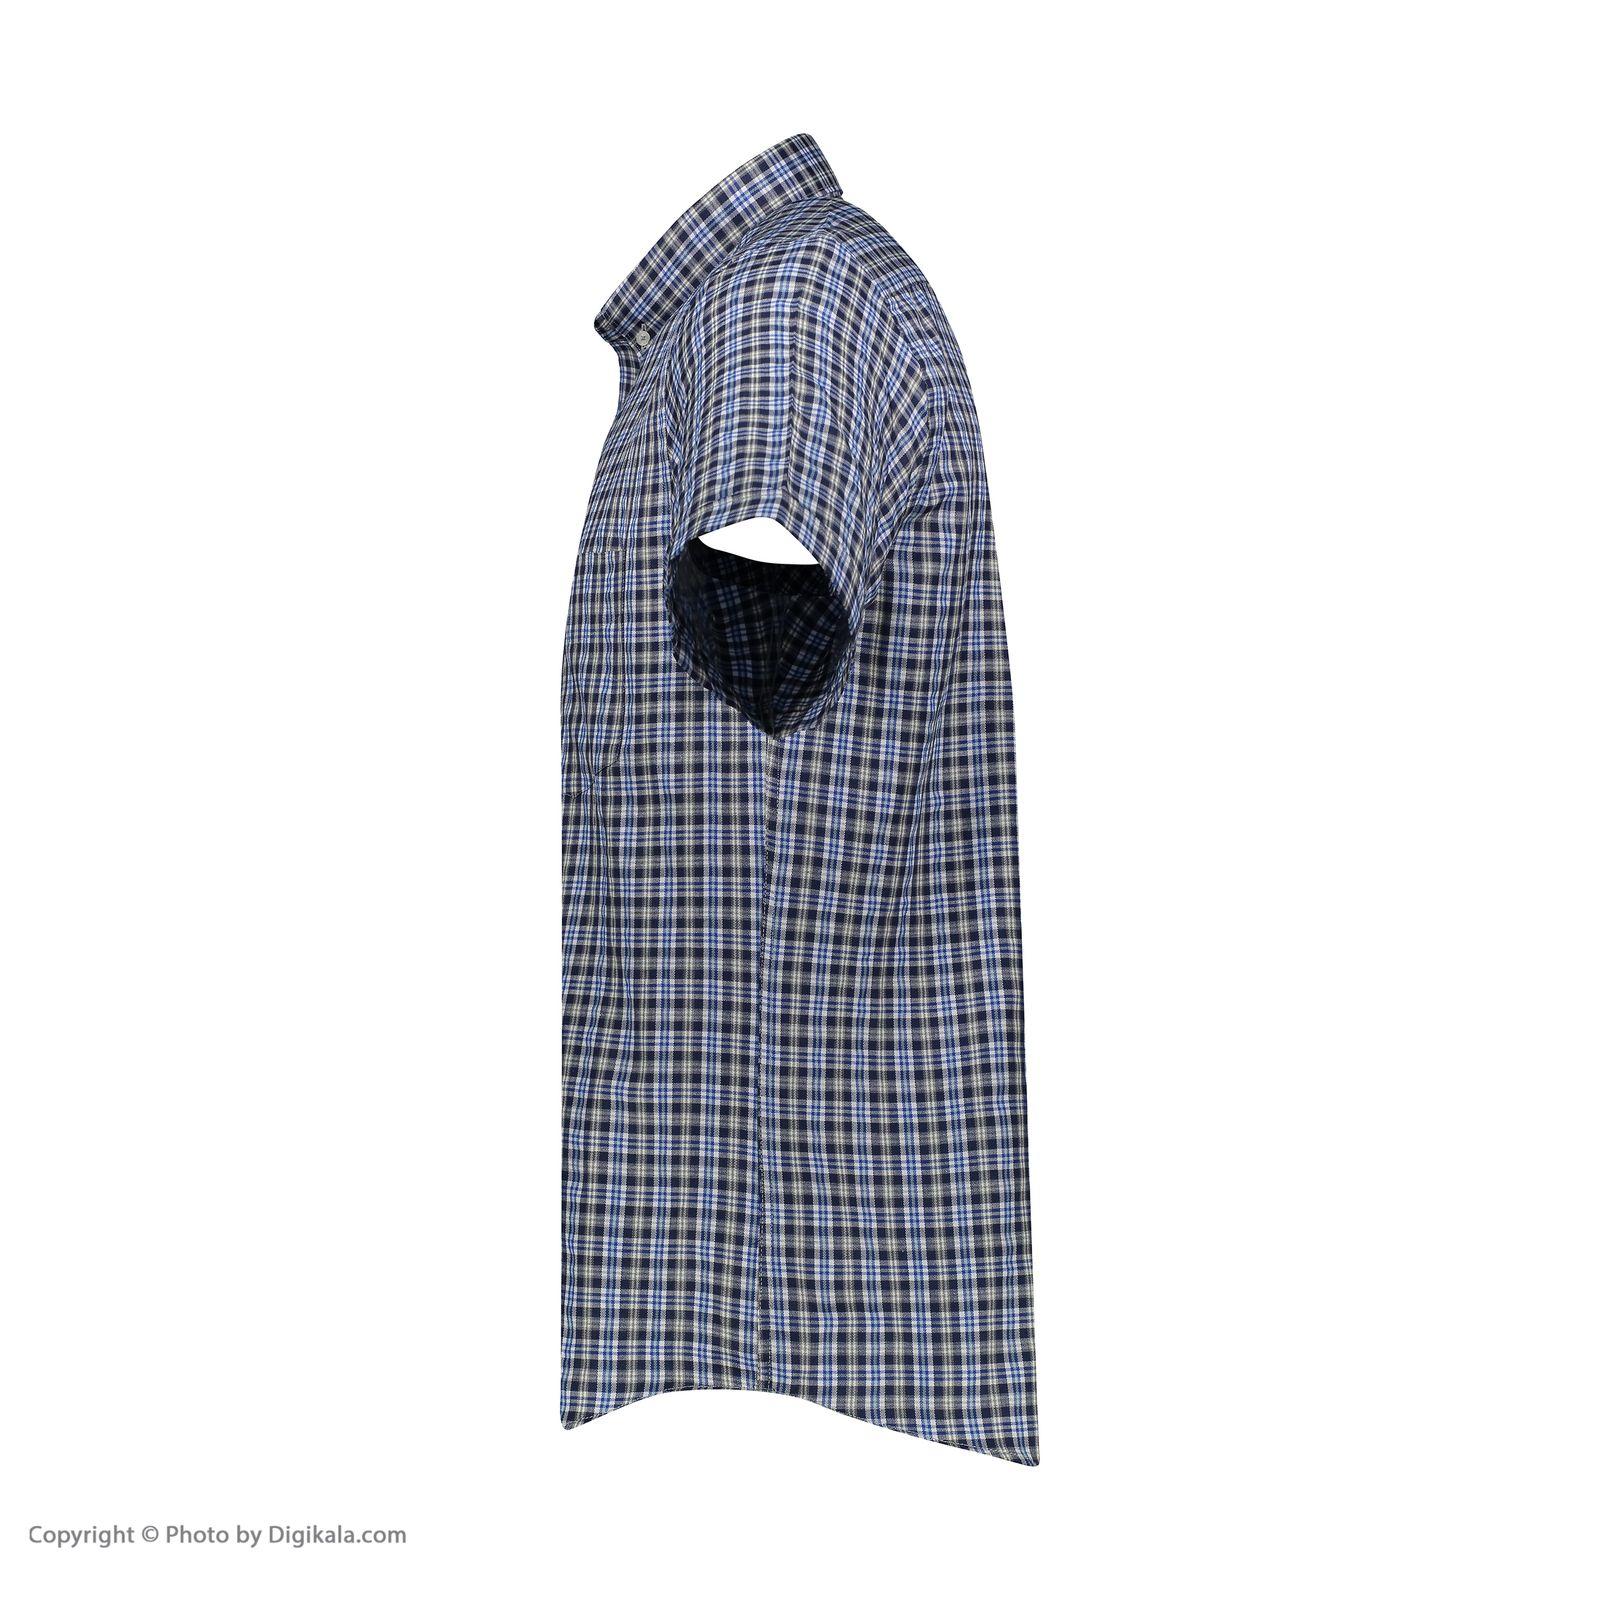 پیراهن مردانه زی مدل 1531190ML -  - 2